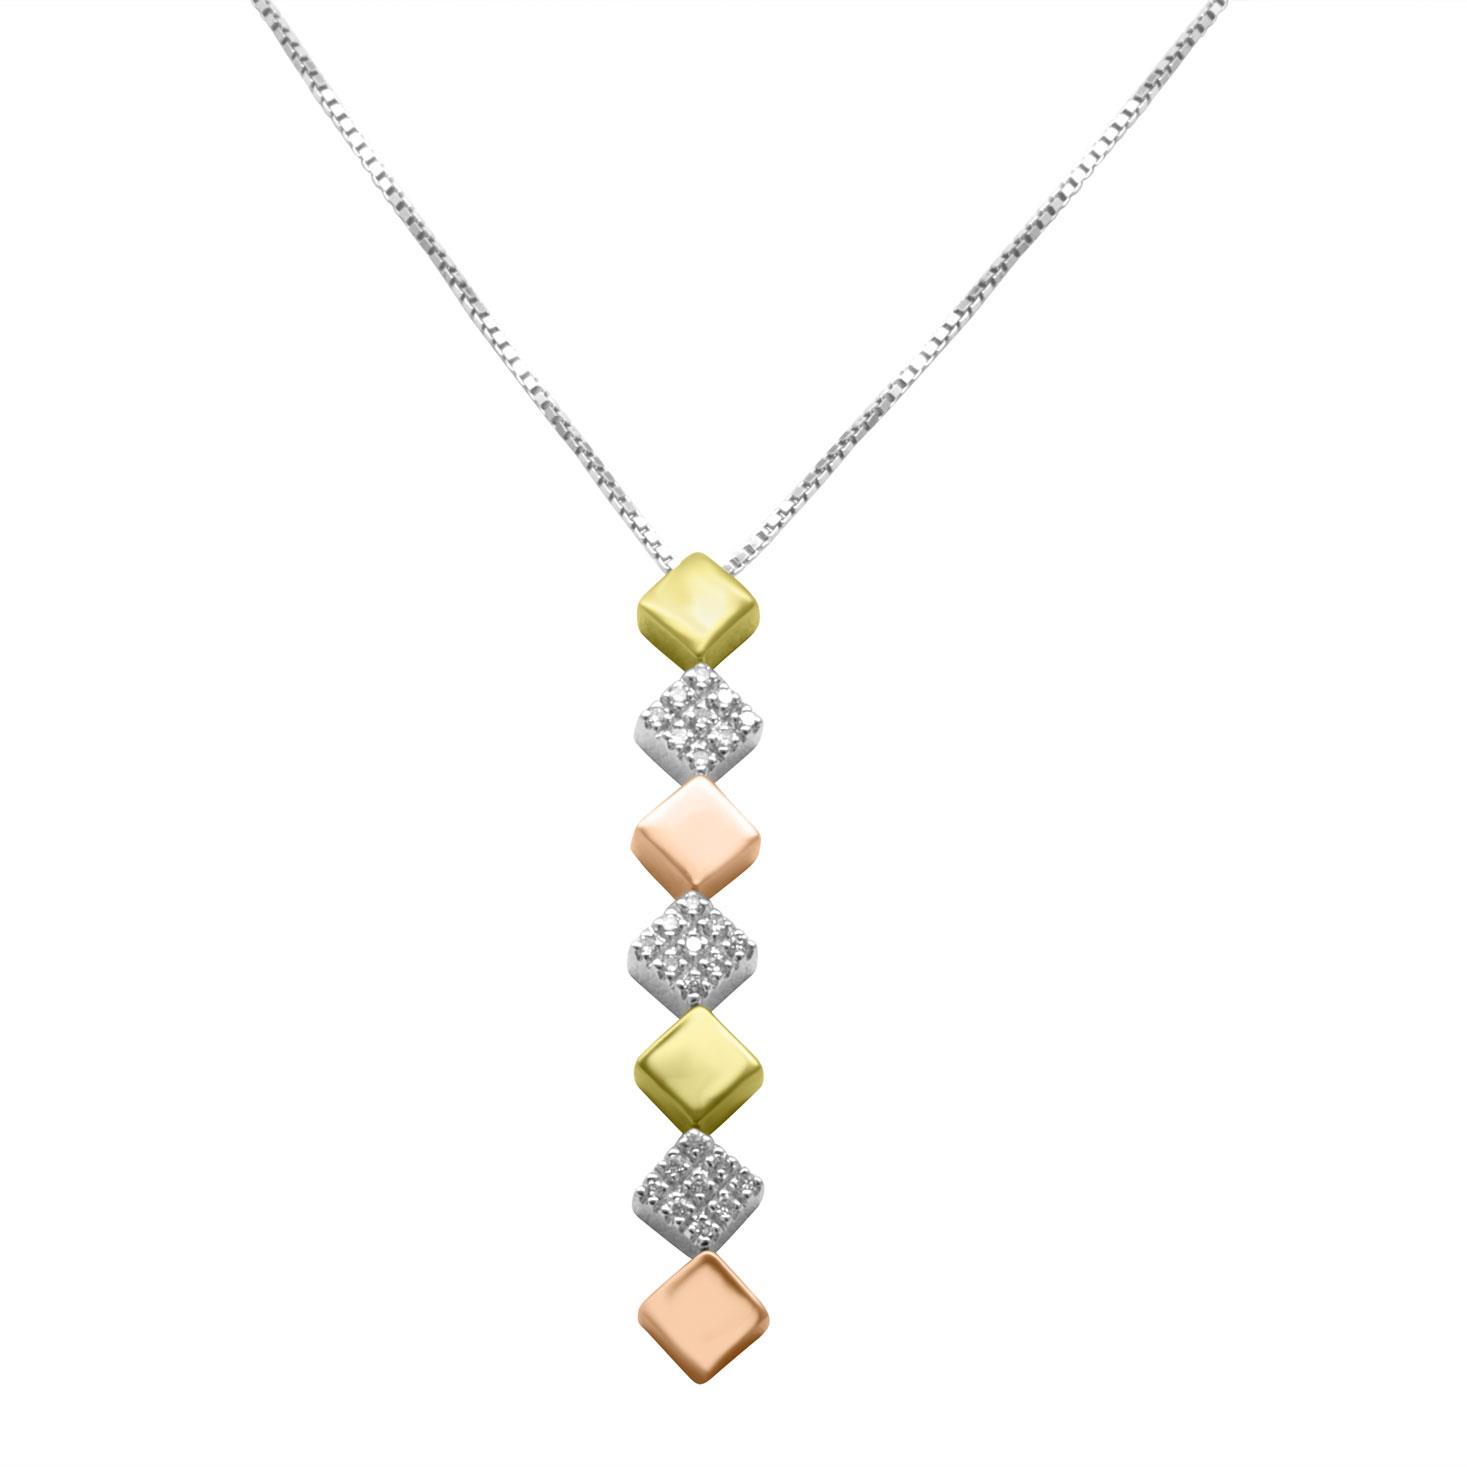 Collana in oro bianco con ciondolo a quadretti con diamanti - ALFIERI & ST. JOHN